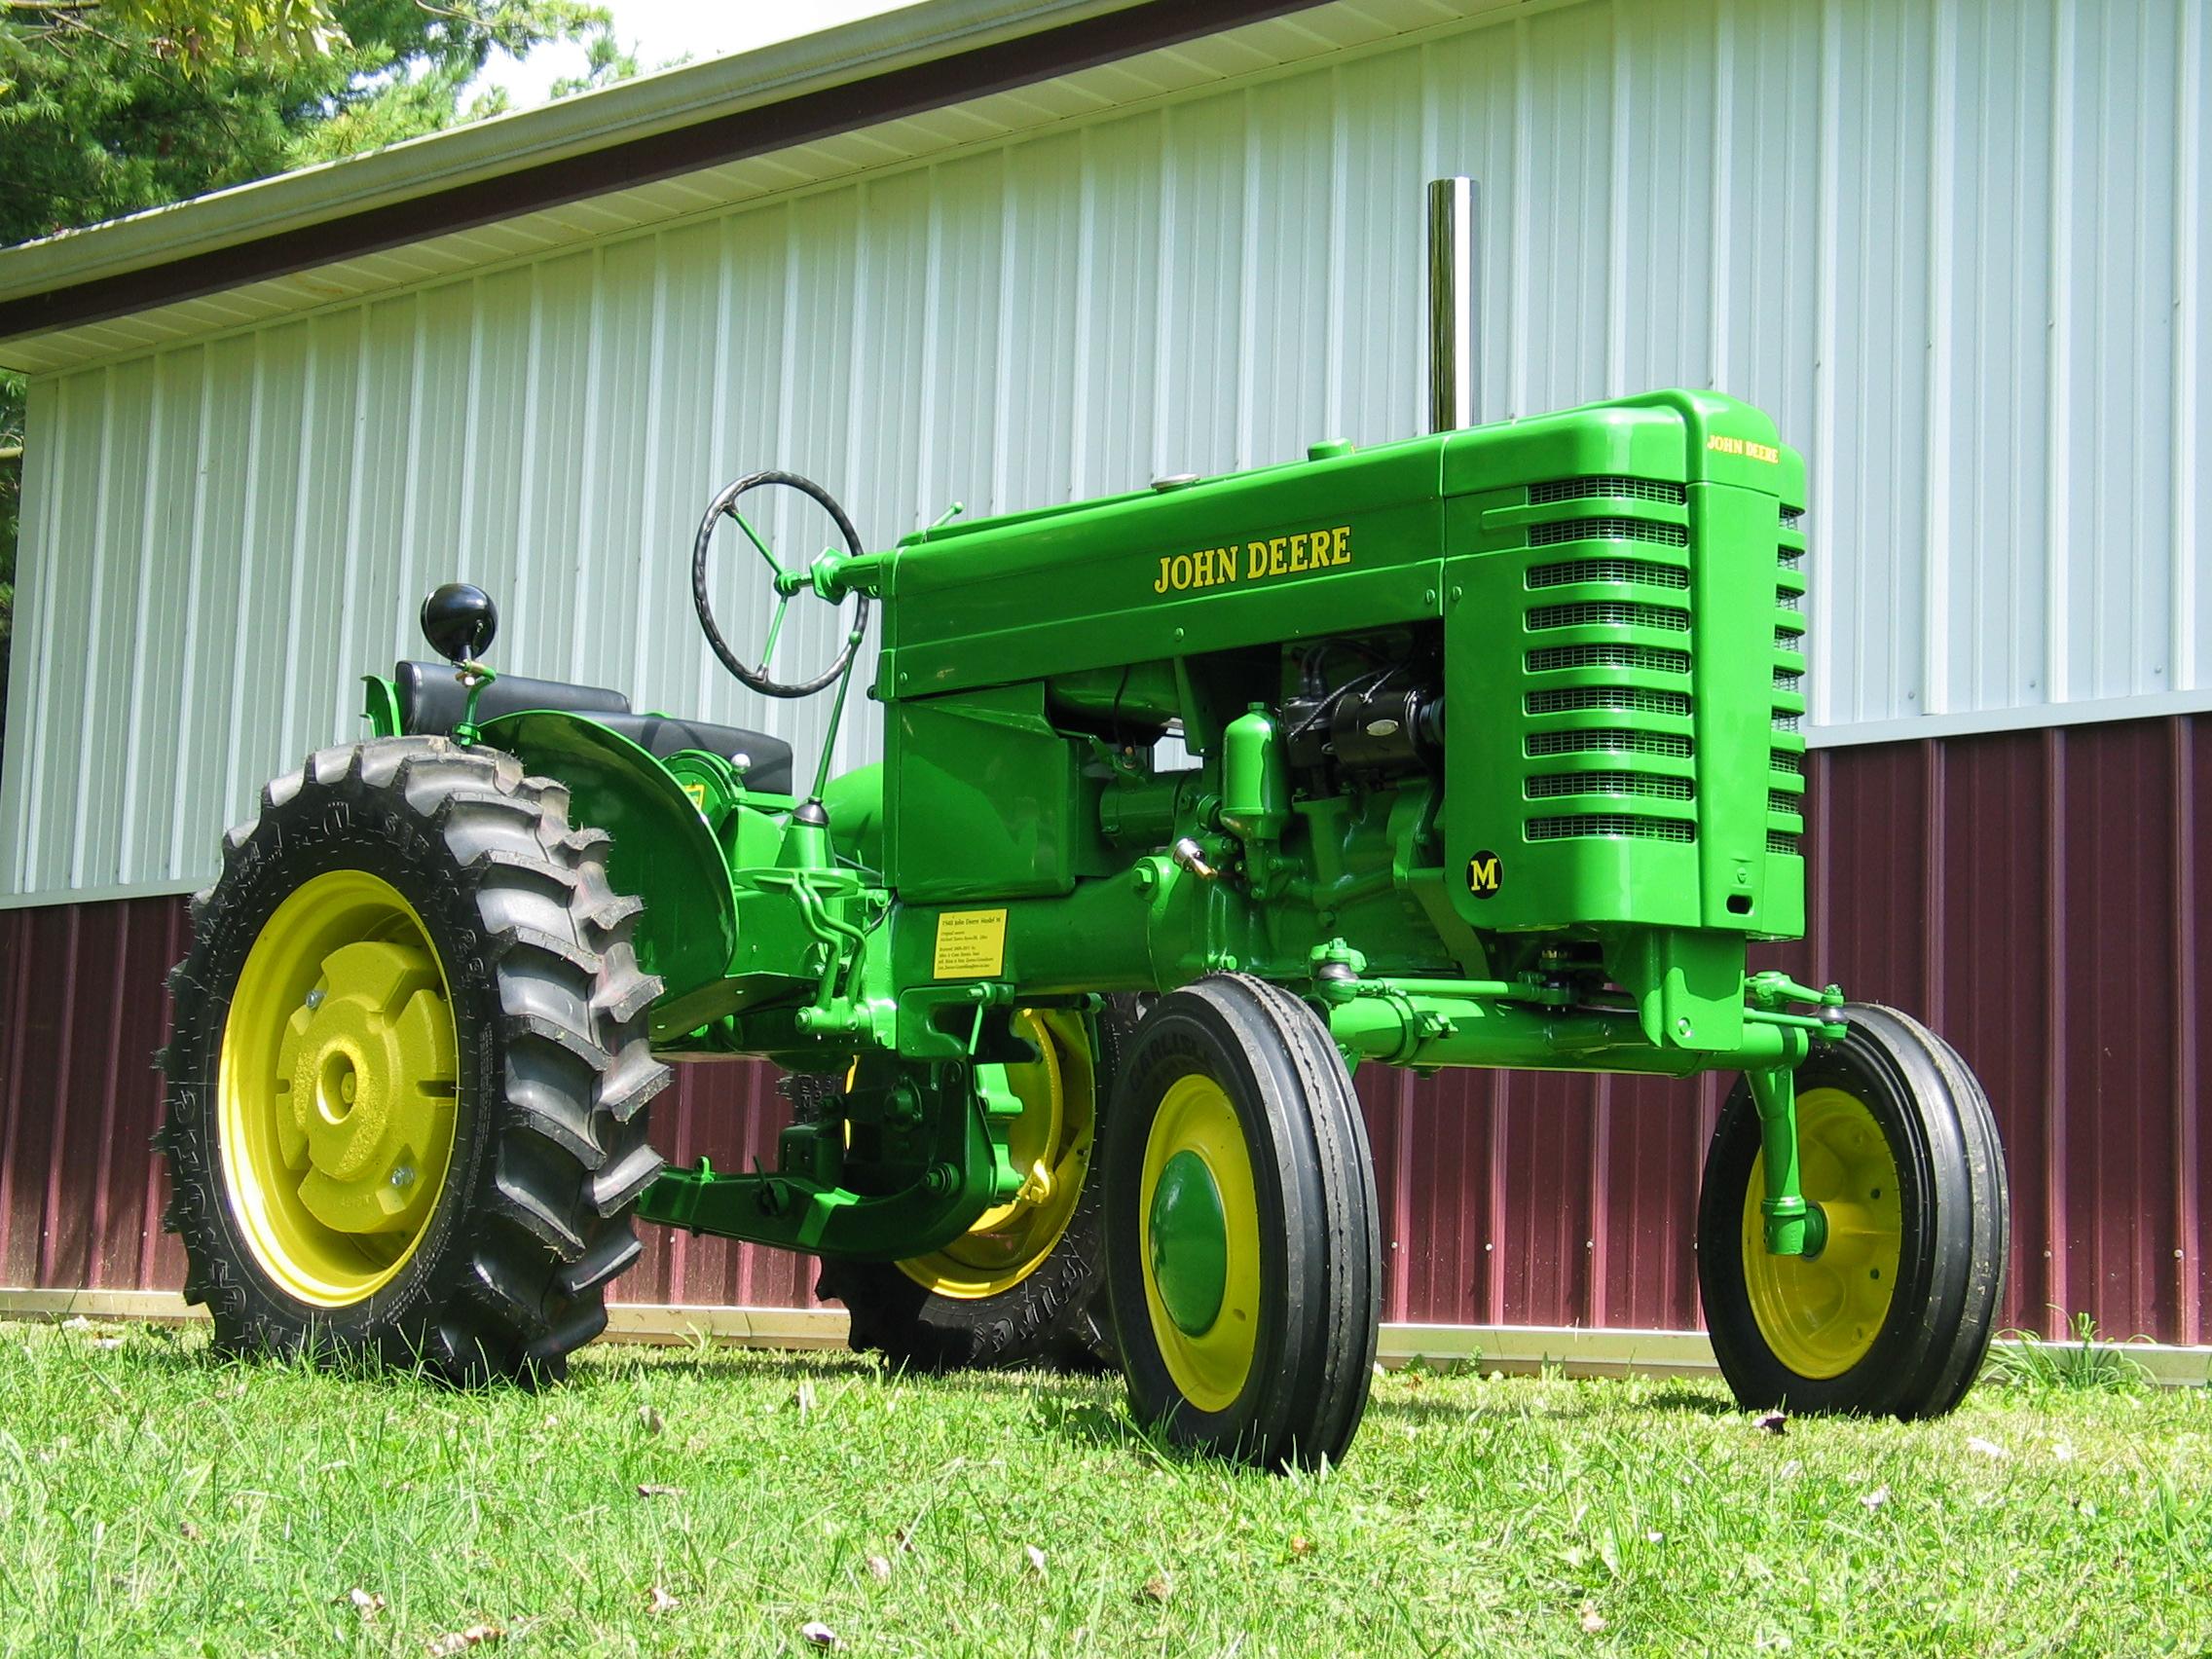 1948 John Deere model M – Antique Tractor Blog